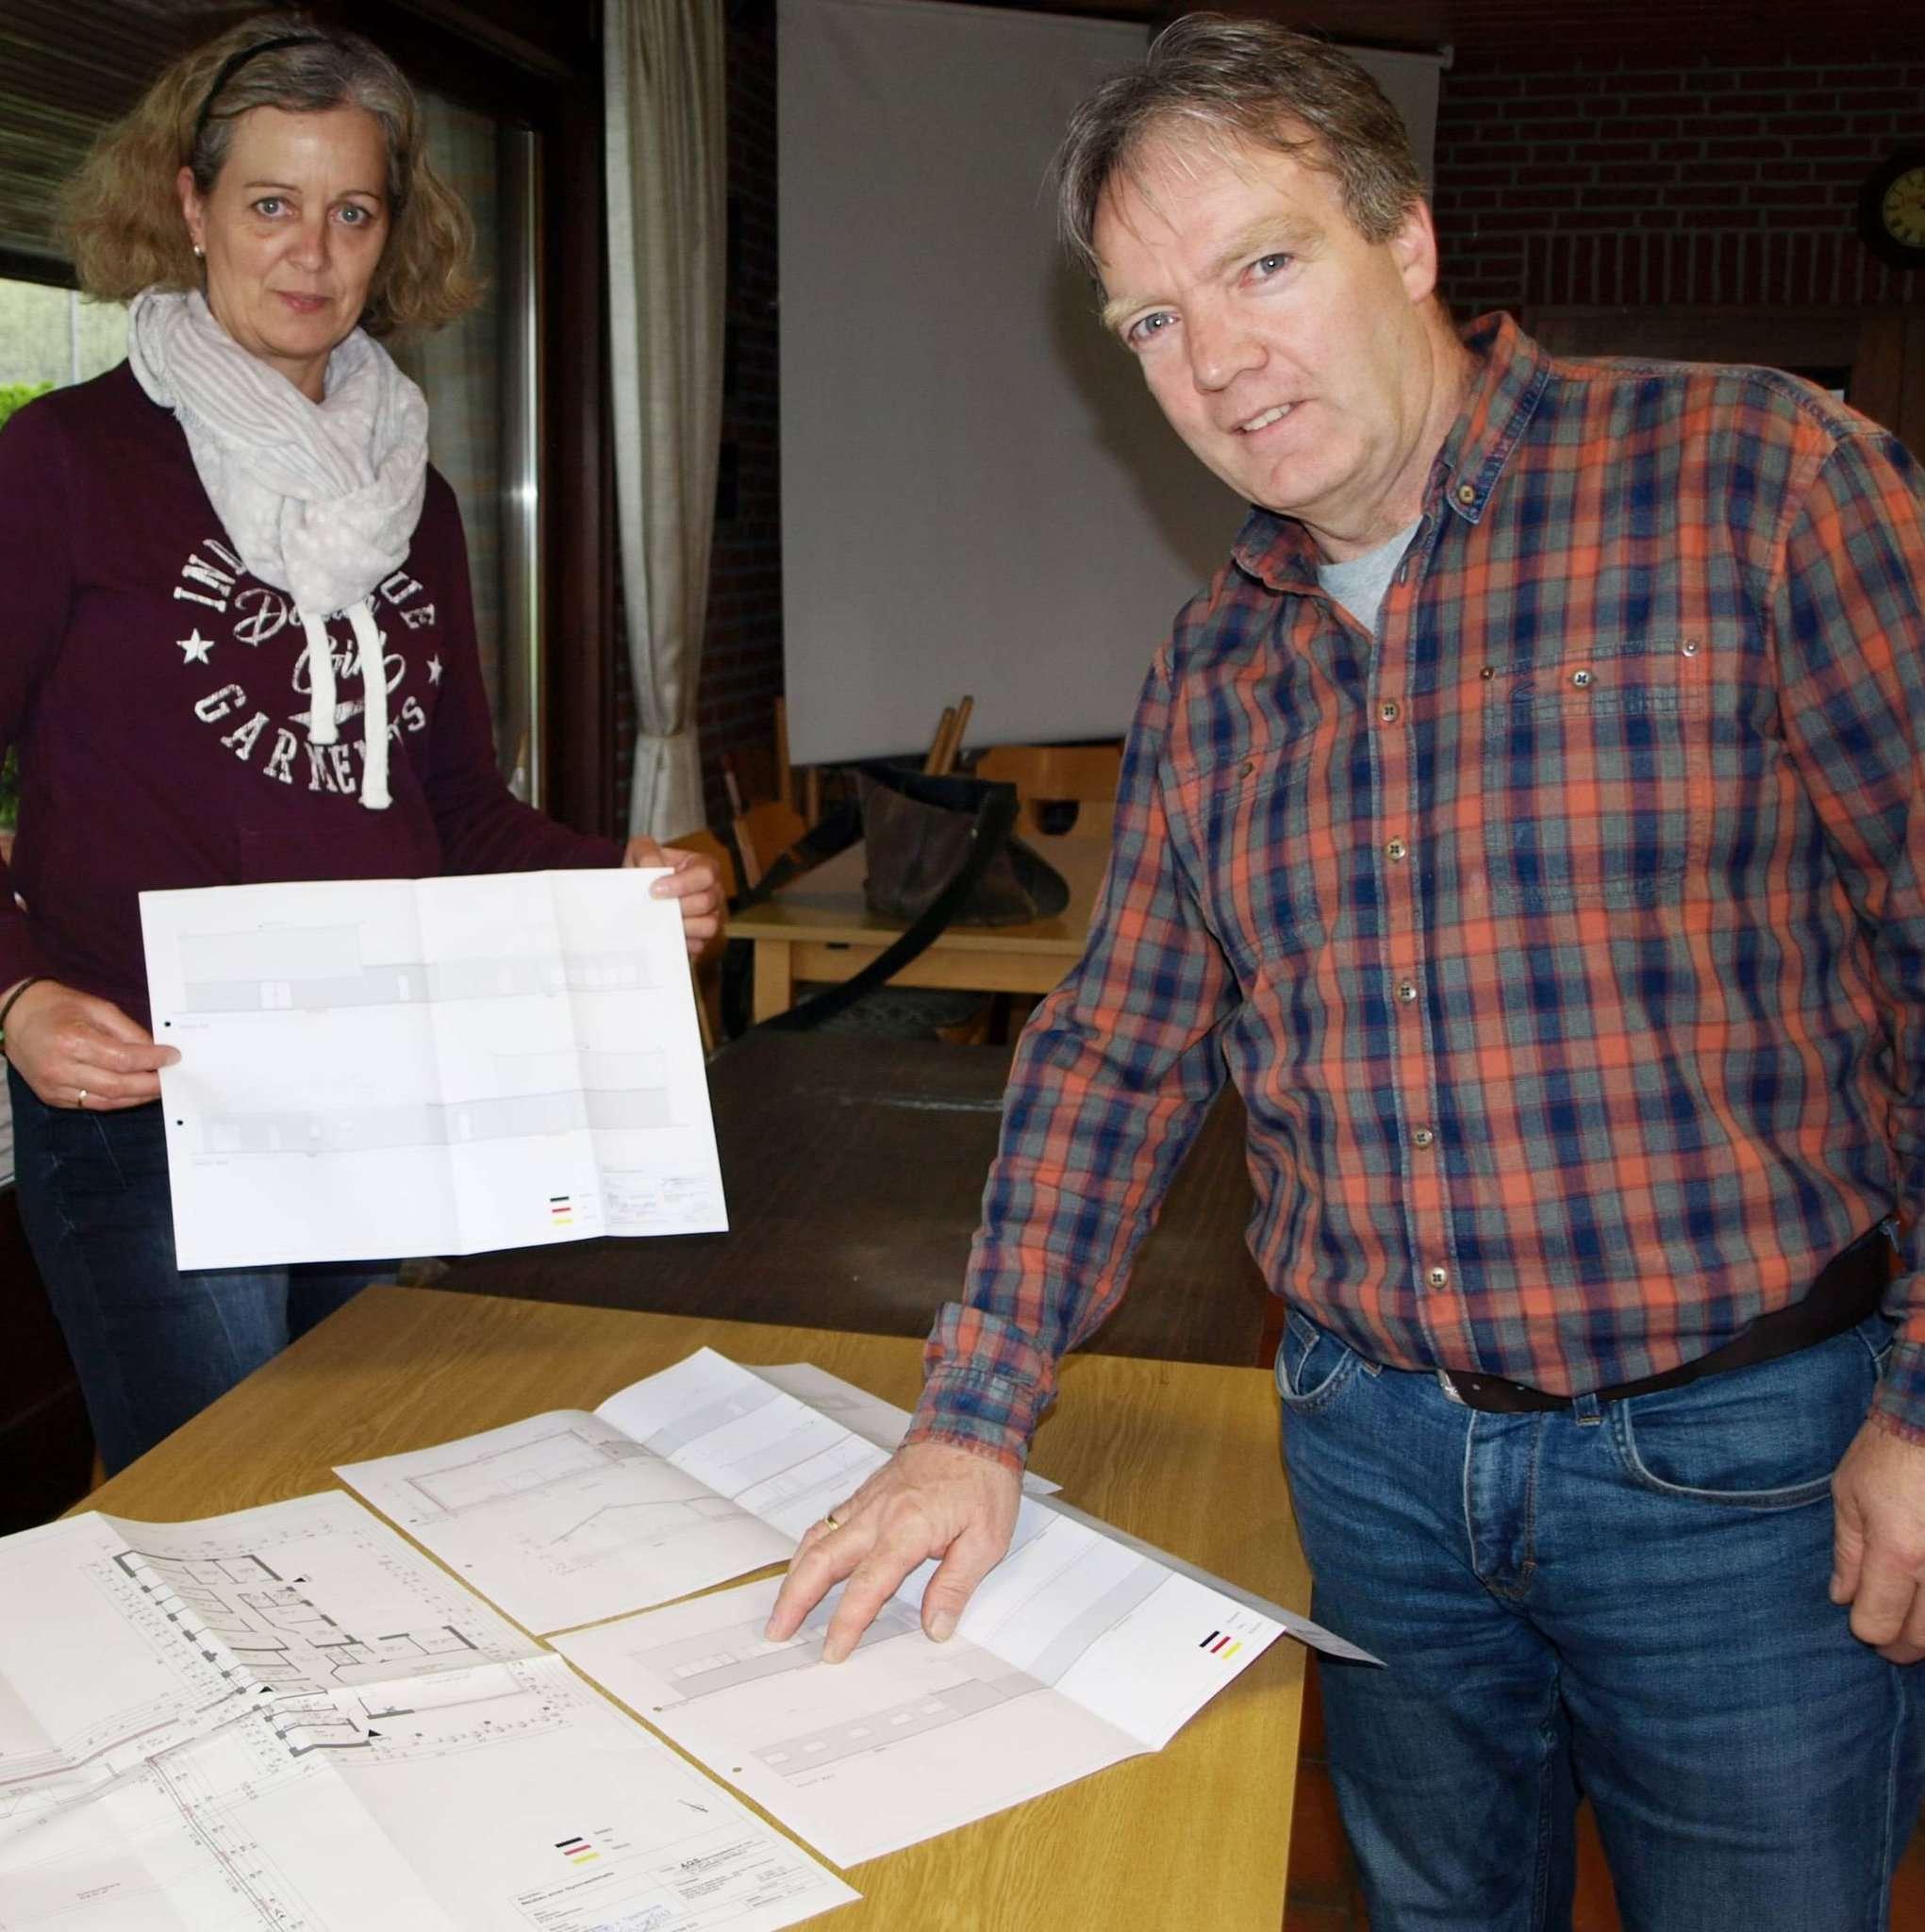 Kathrin Linnemann und Andreas Jessen präsentieren die Baupläne für die Kleinsporthalle, die an der Straße Dieckkamp entstehen soll. Foto: Jens Wieters